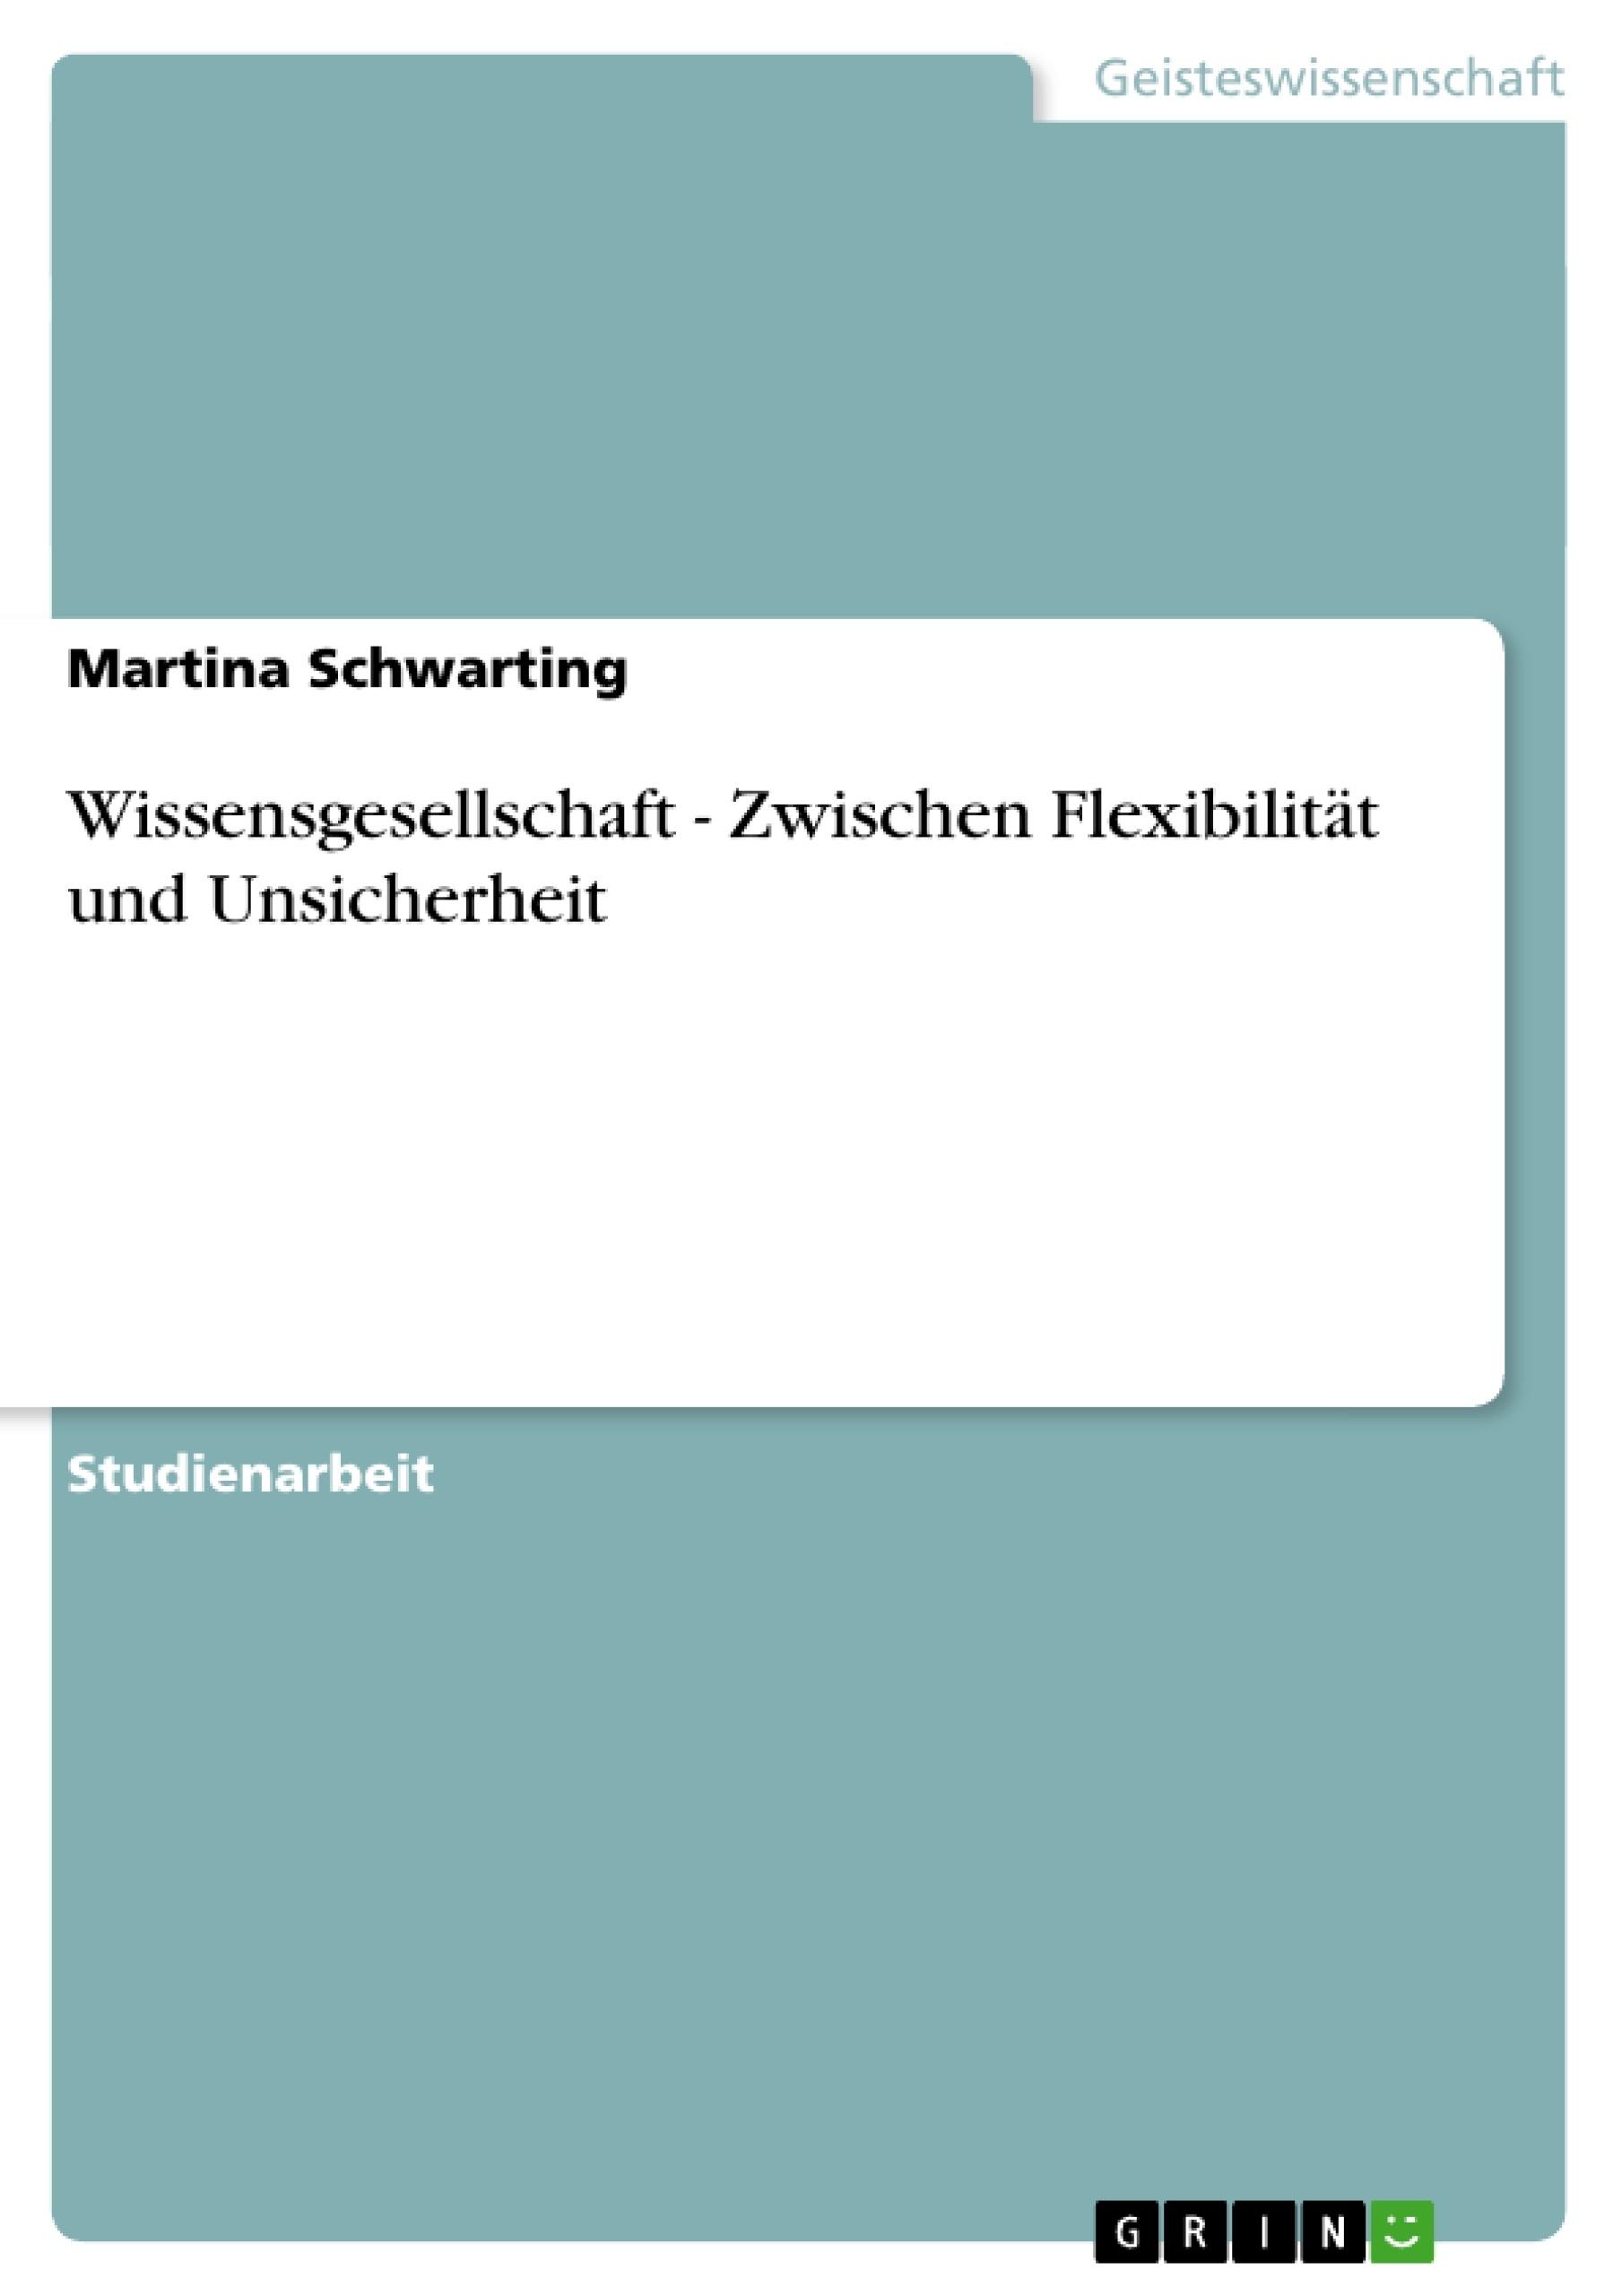 Titel: Wissensgesellschaft - Zwischen Flexibilität und Unsicherheit